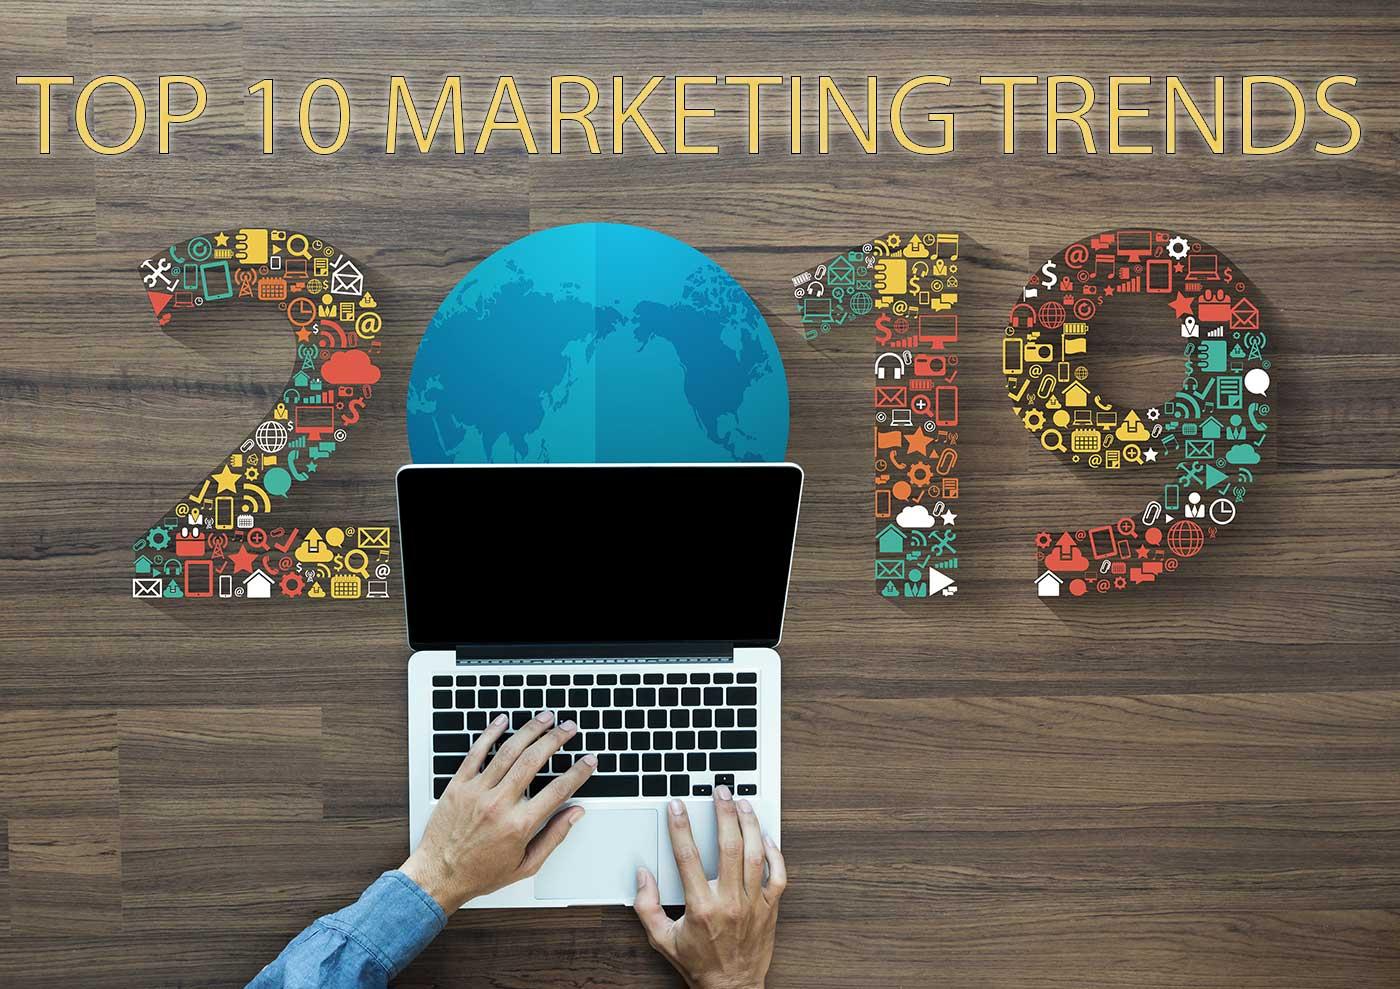 Top 10 Marketing Trends In 2019